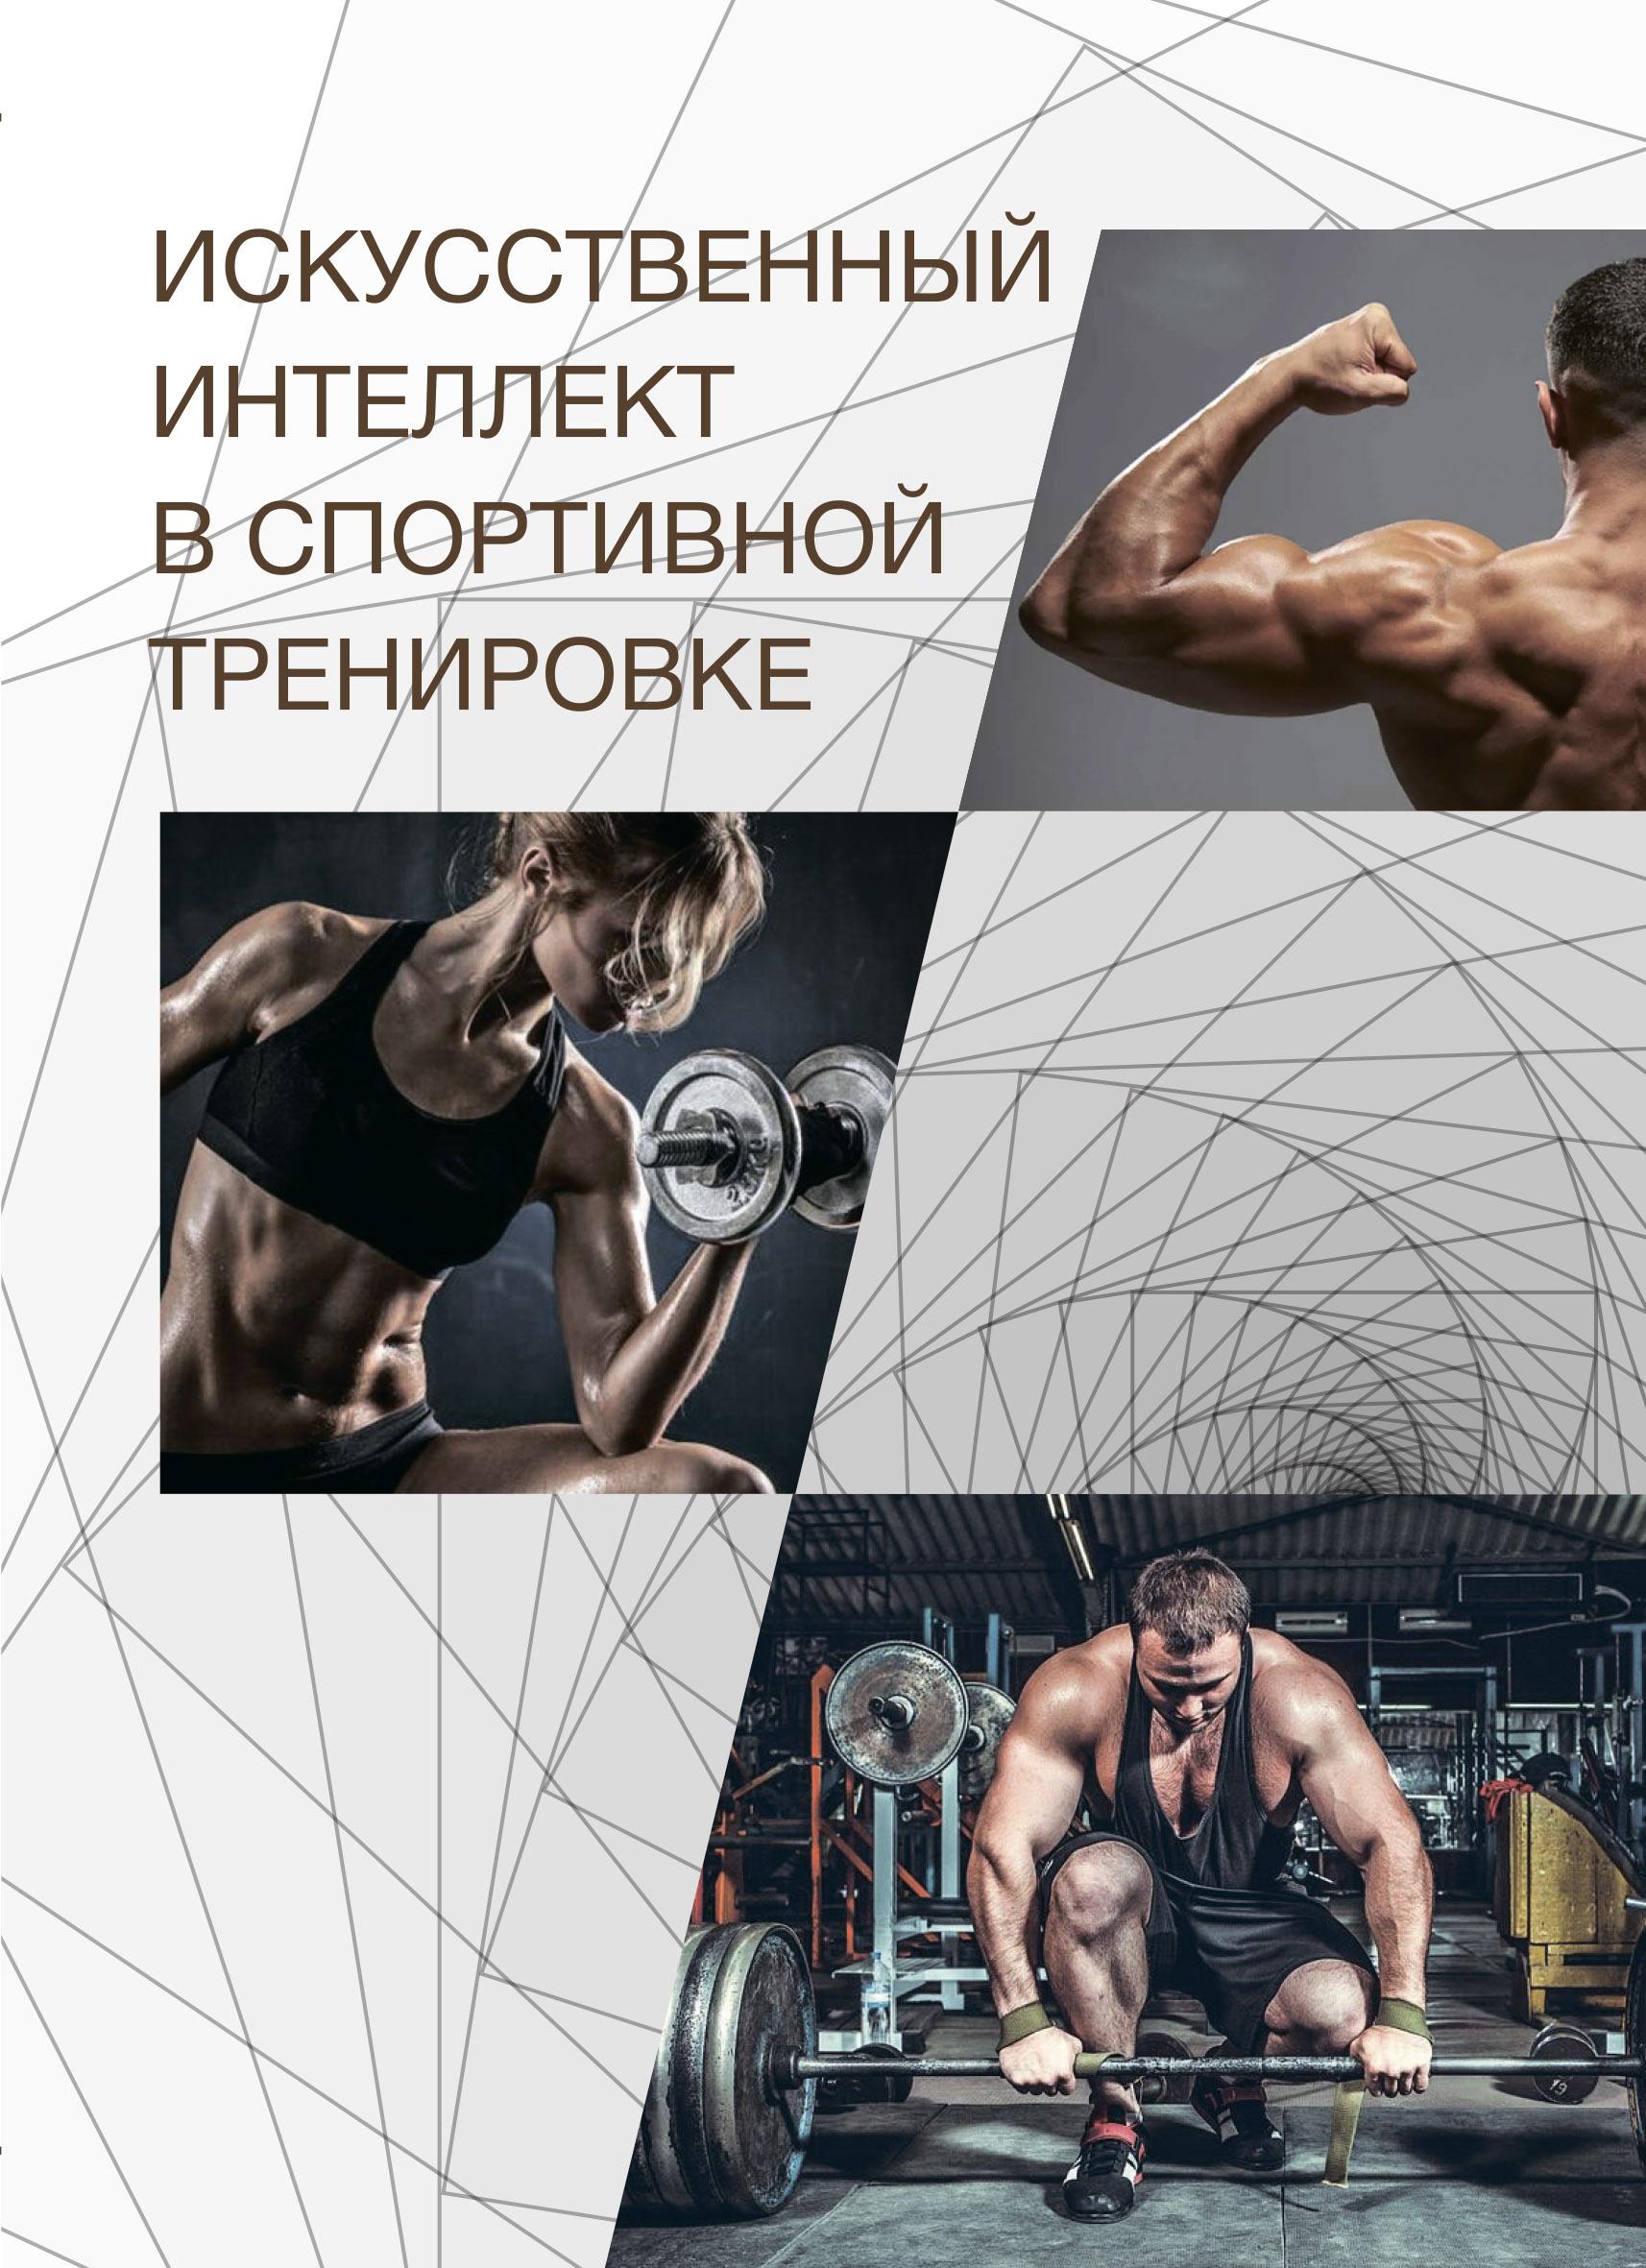 Искусственный интеллект в спортивной тренировке